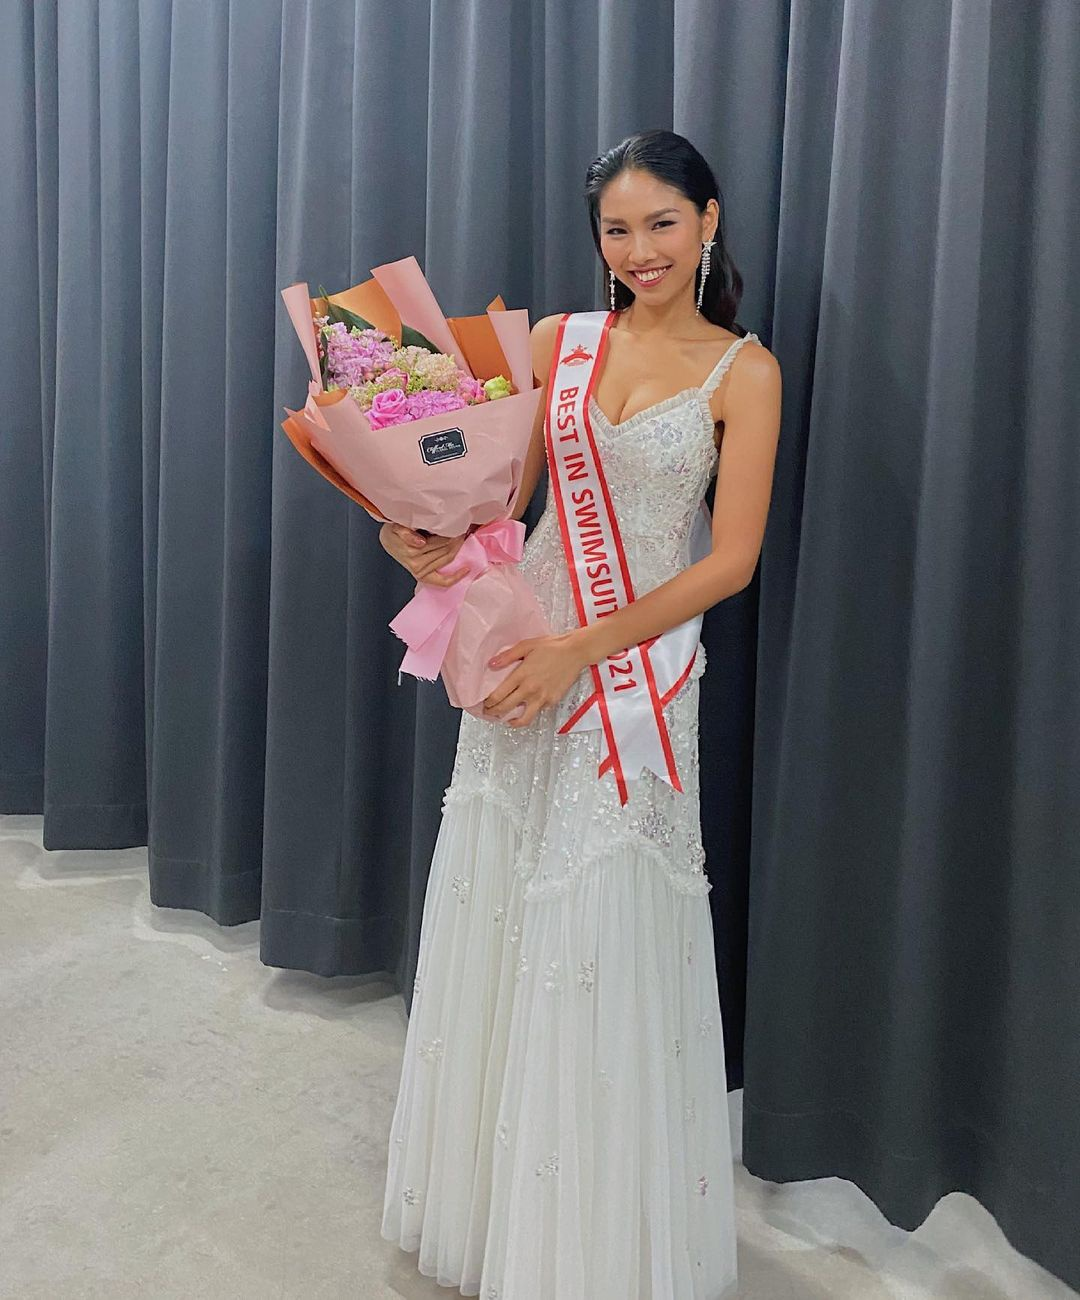 Người mẫu 22 tuổi đăng quang Hoa hậu Quốc tế Hong Kong